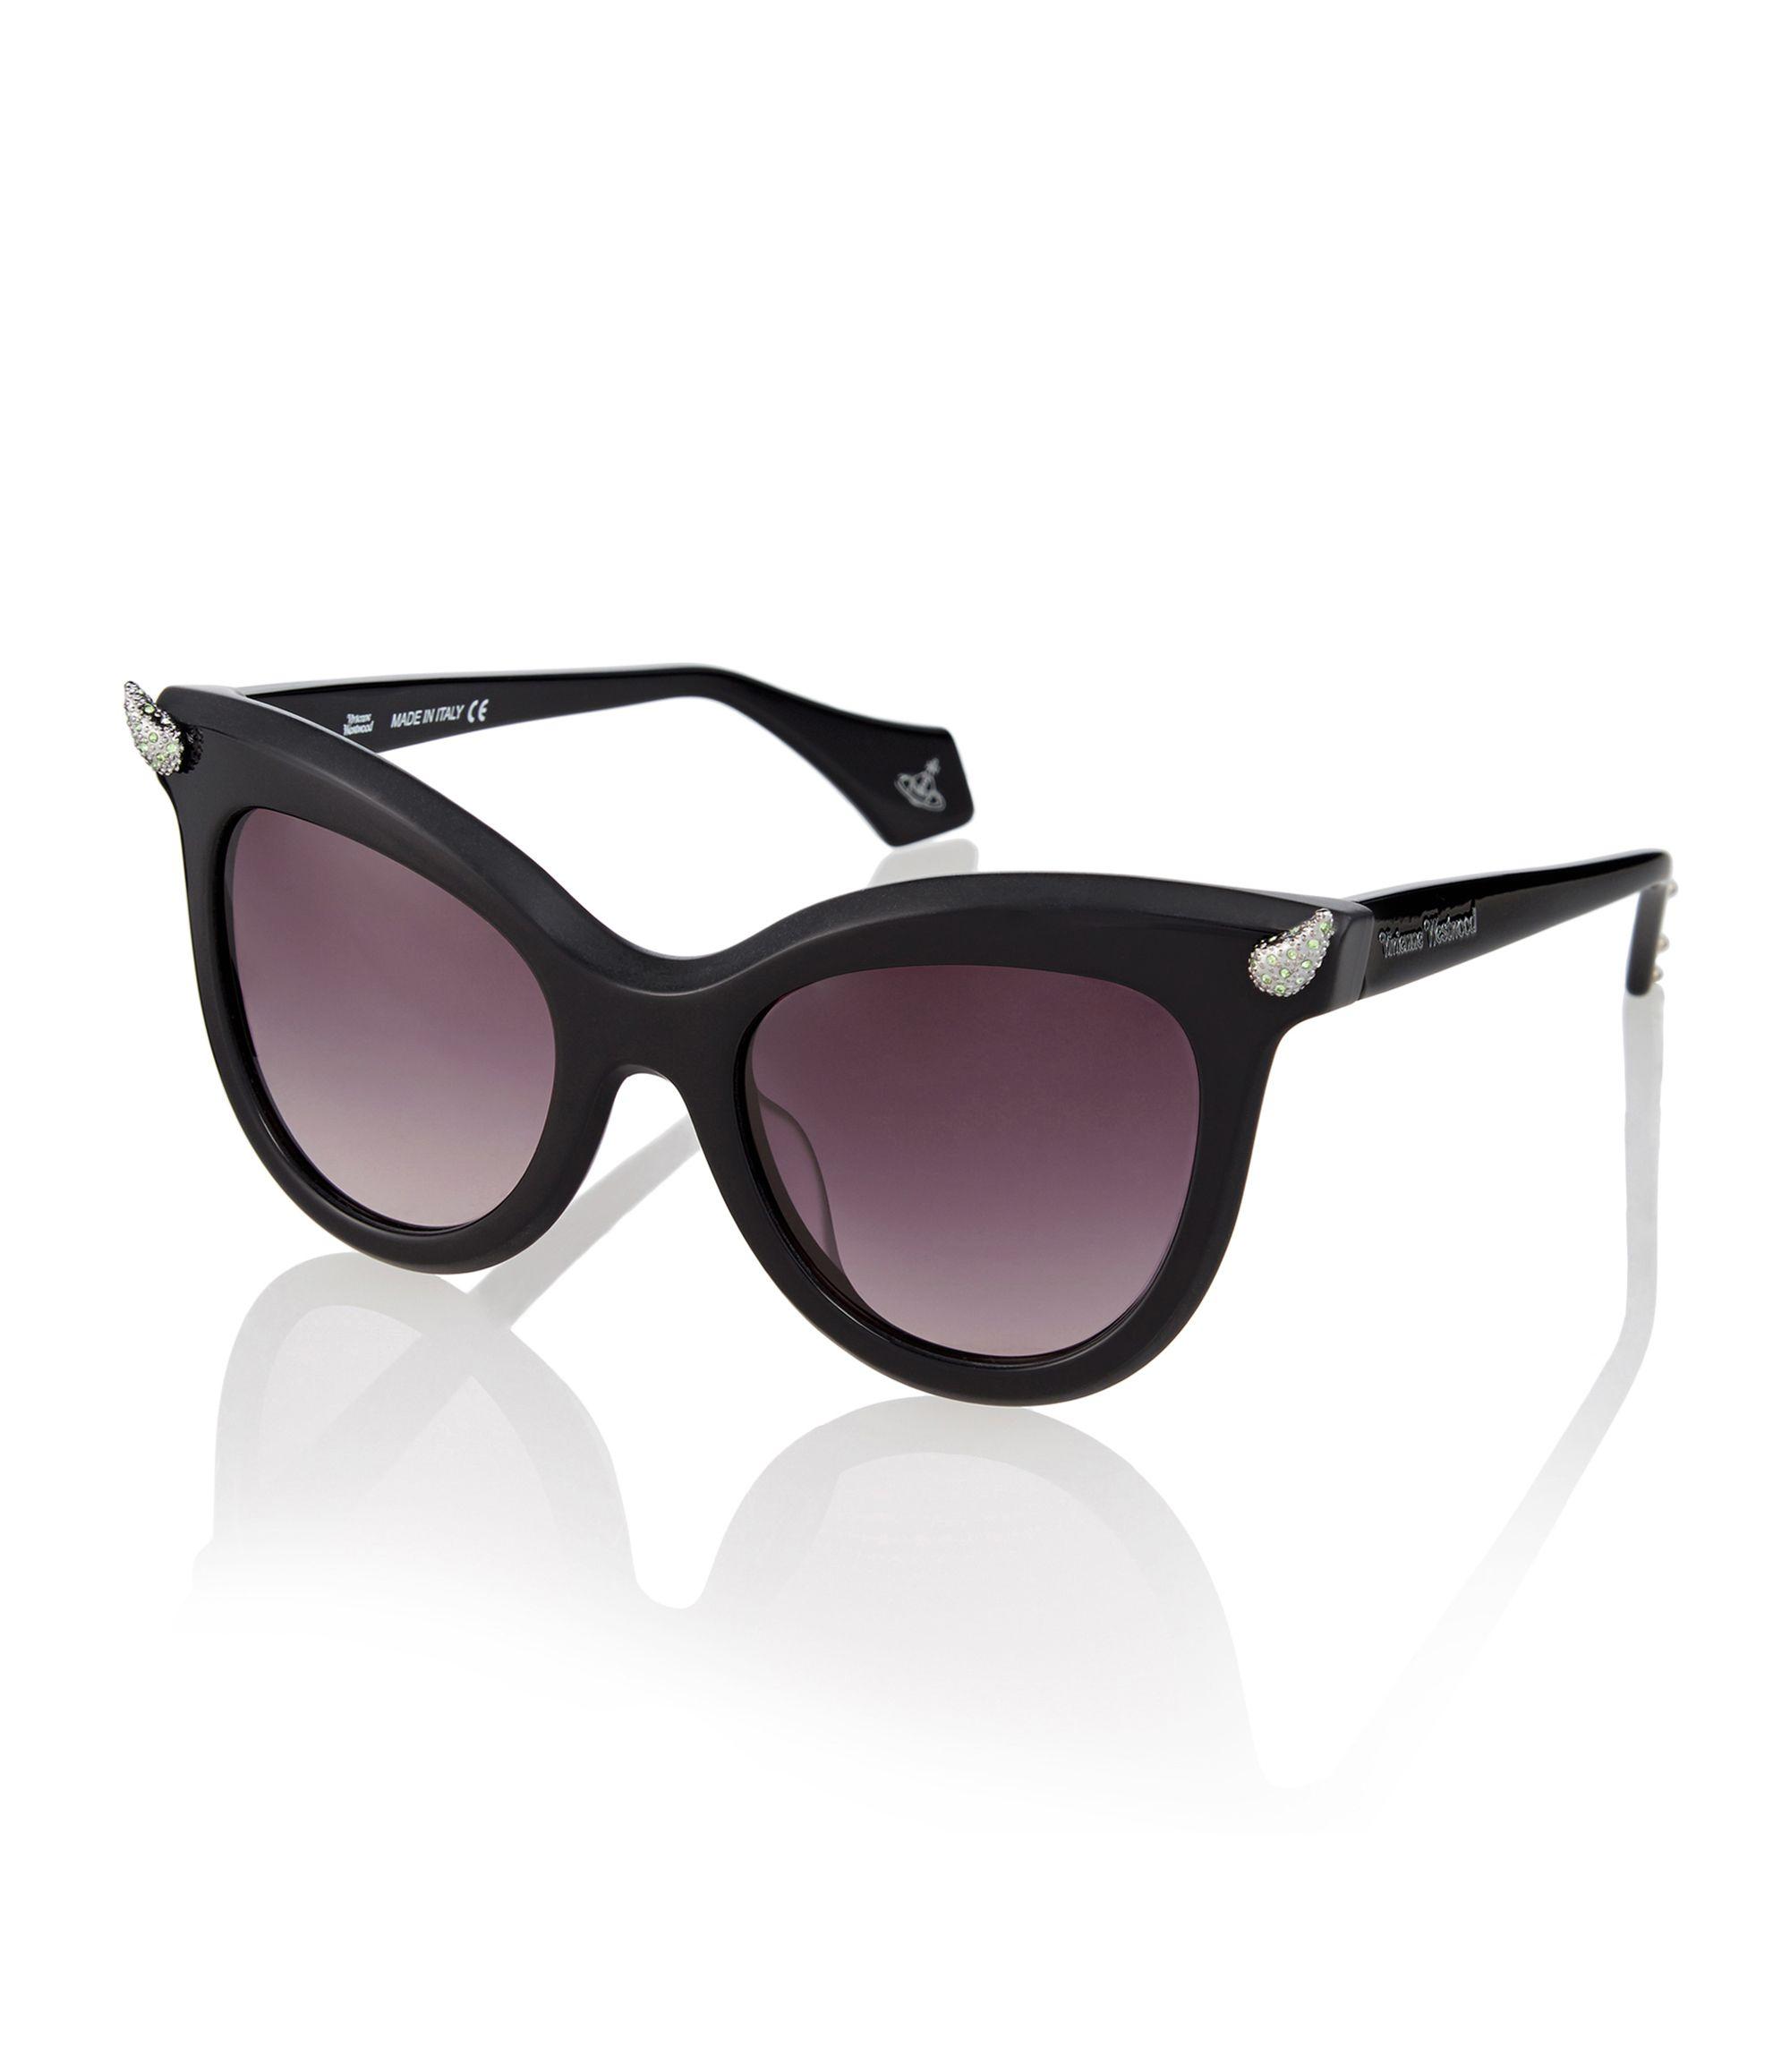 Opposit Sonnenbrille horn Damen UC4TkbE